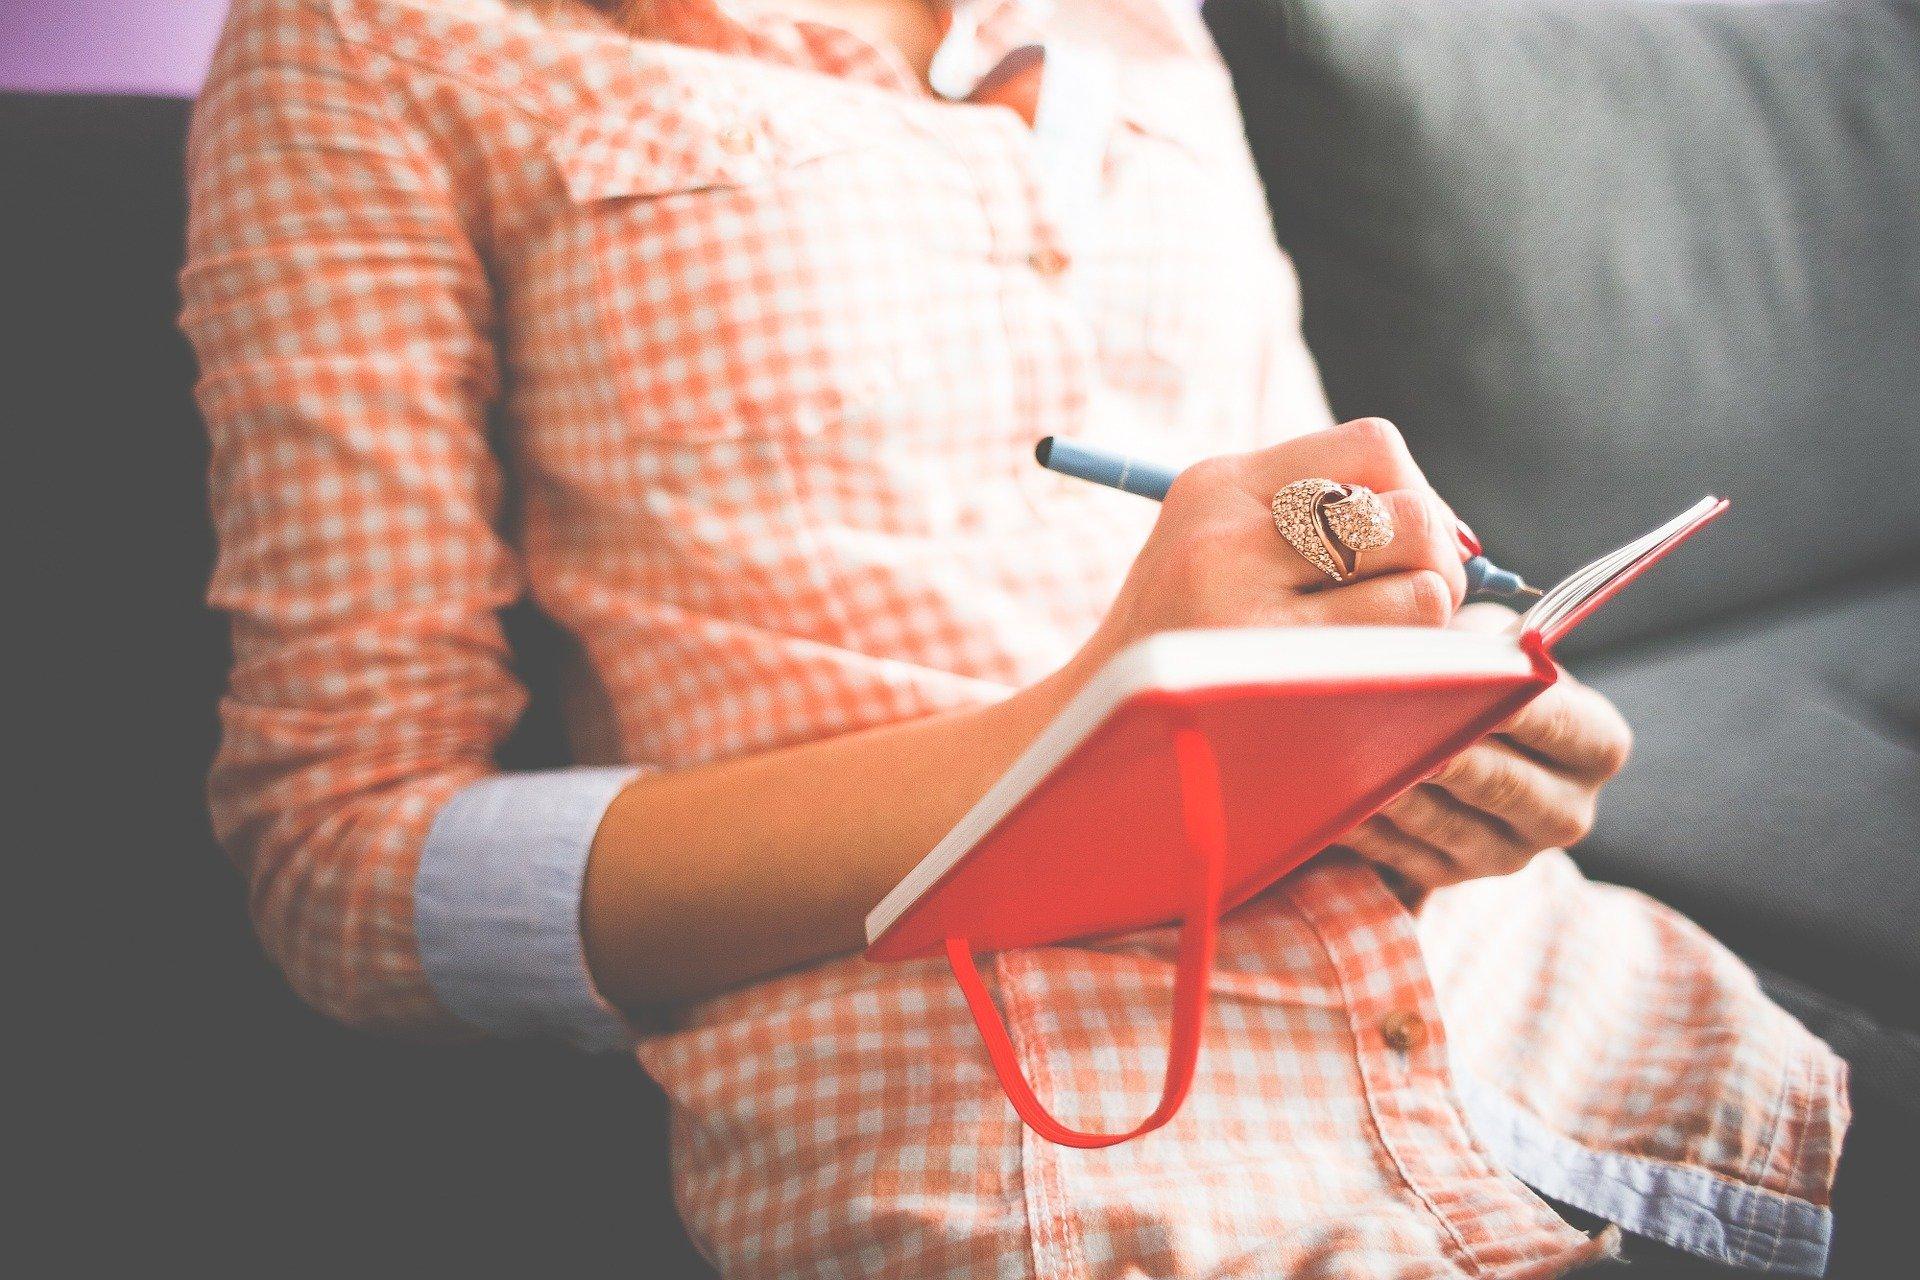 busto di donna seduta mentre scrive in un'agenda